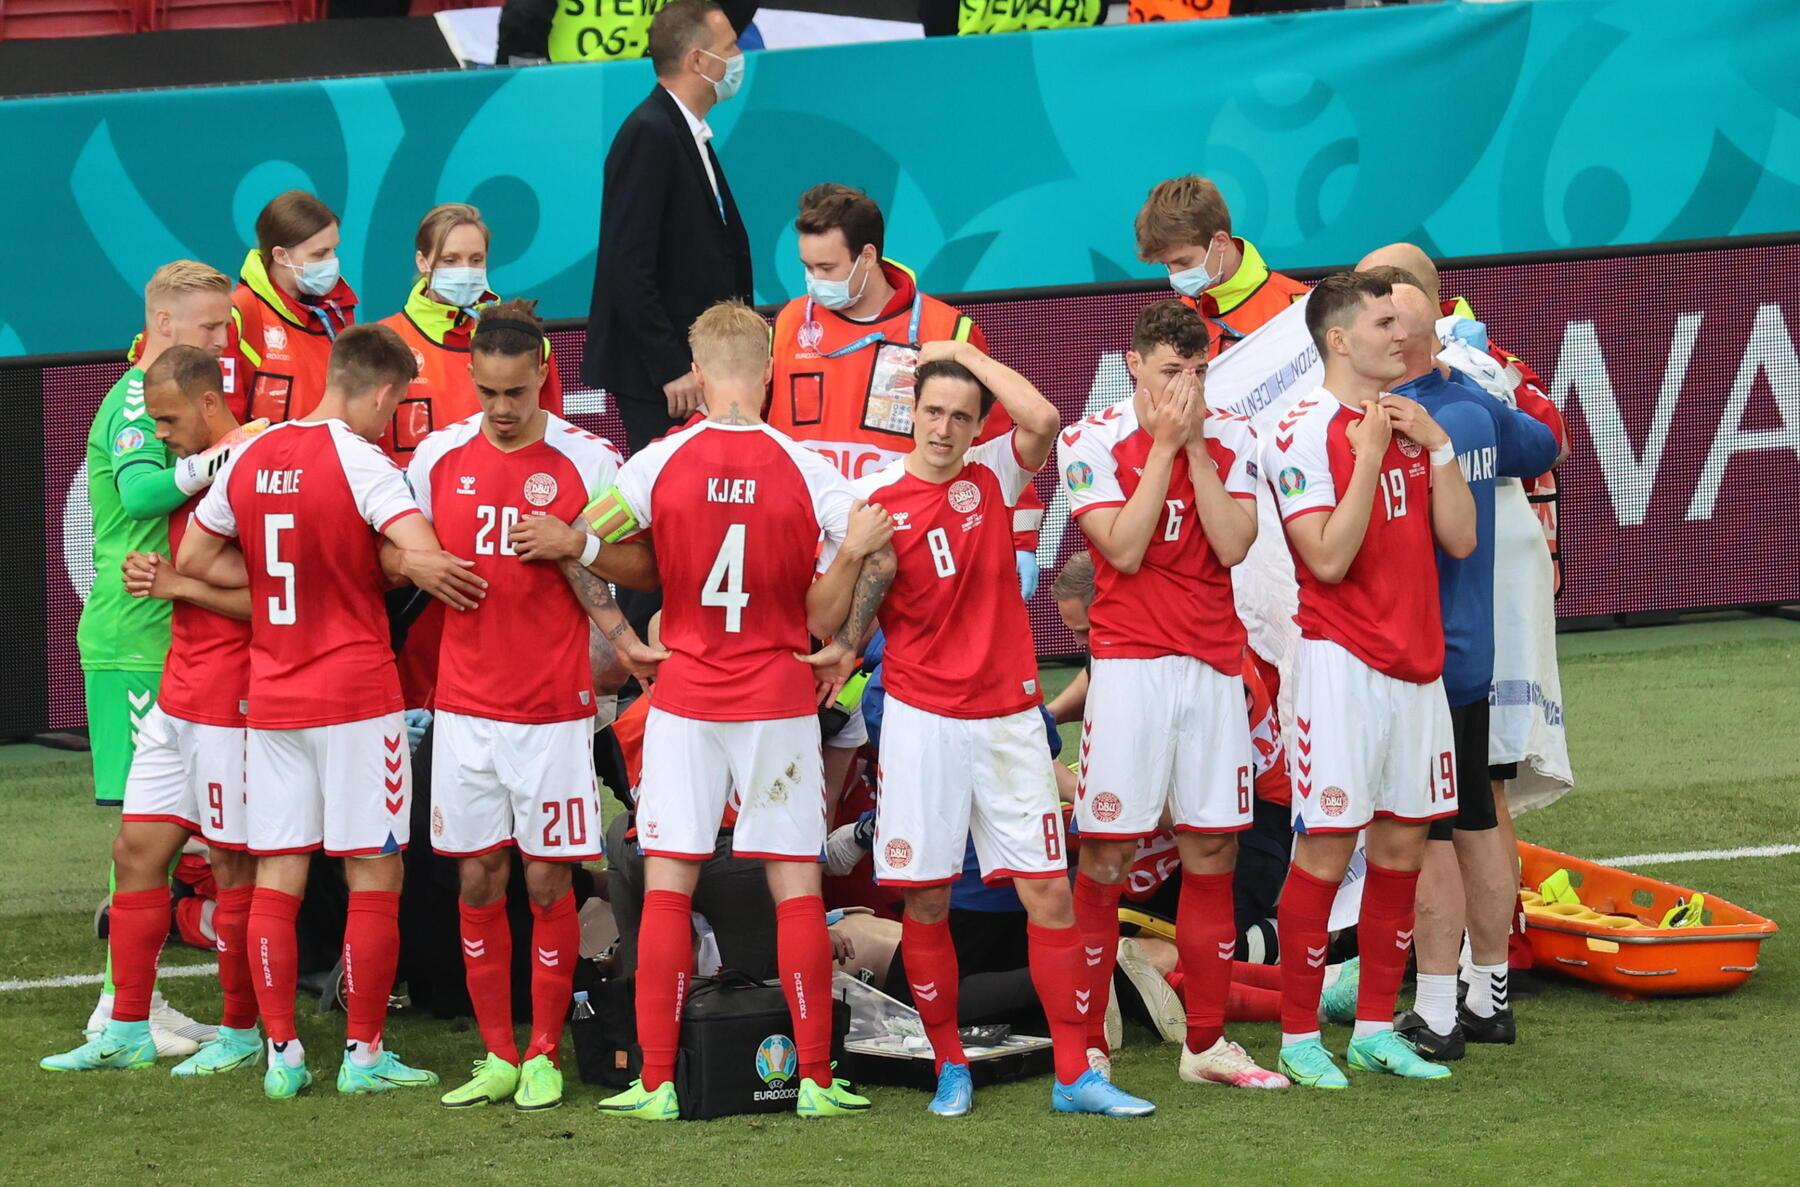 Malore per Eriksen, lo scudo dei calciatori della Danimarca: lacrime, preghiere a protezione del compagno [GALLERY]